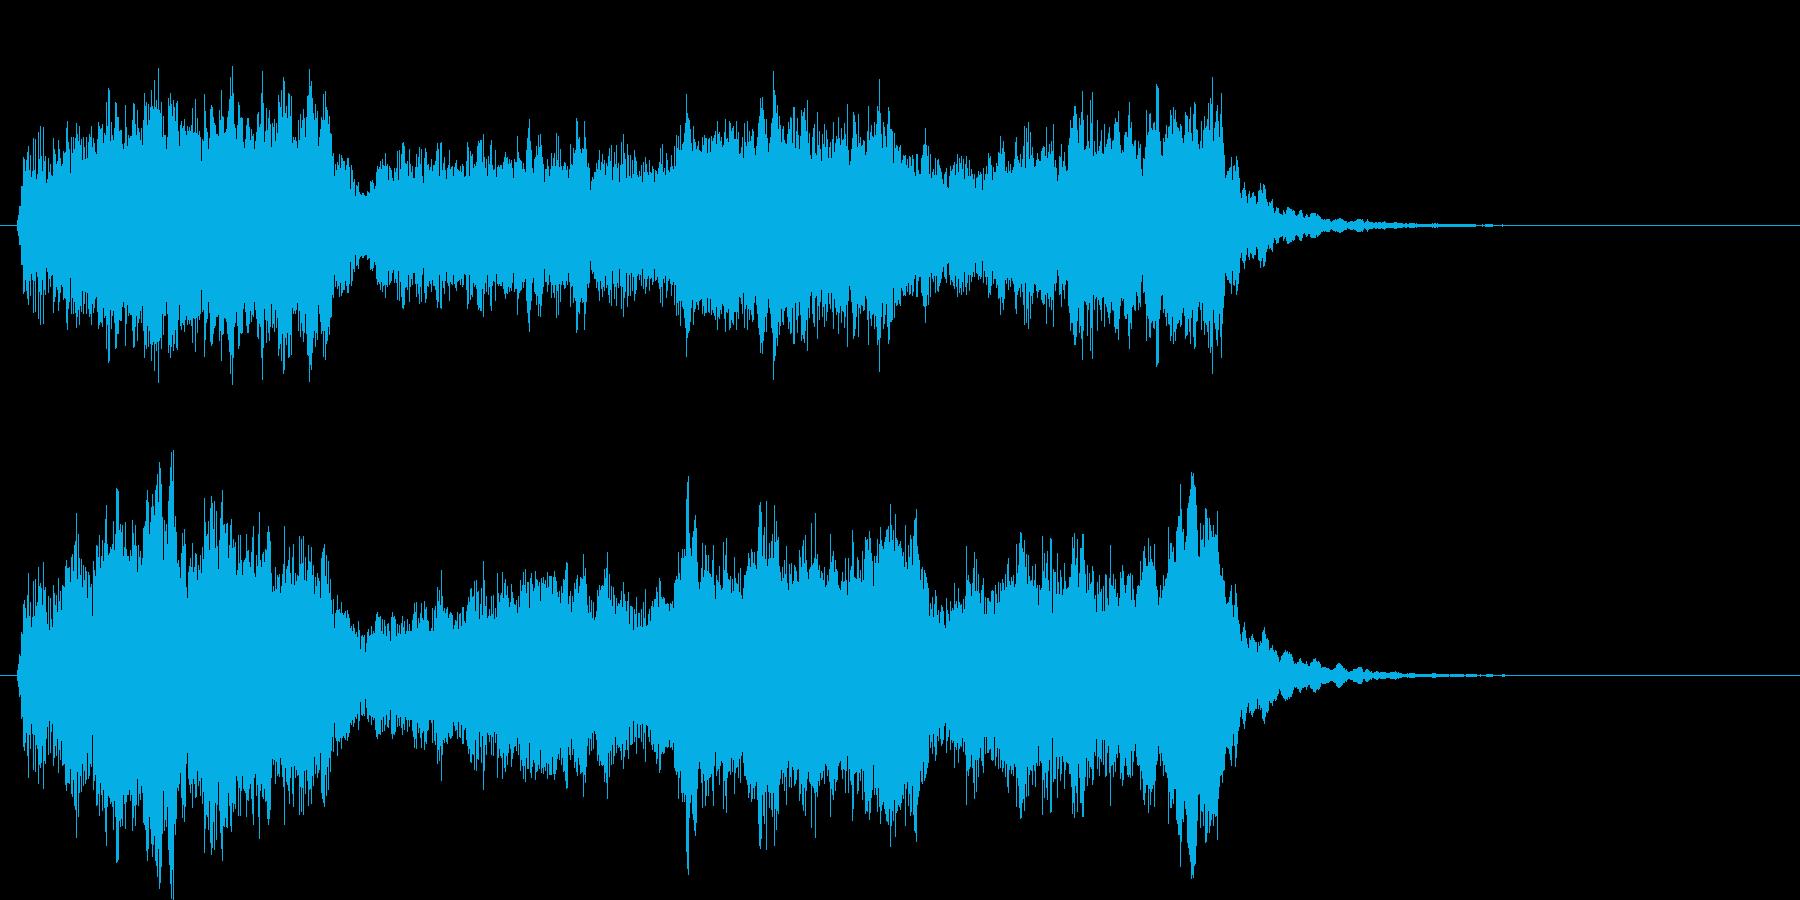 ストリングスオーケストラ調の再生済みの波形